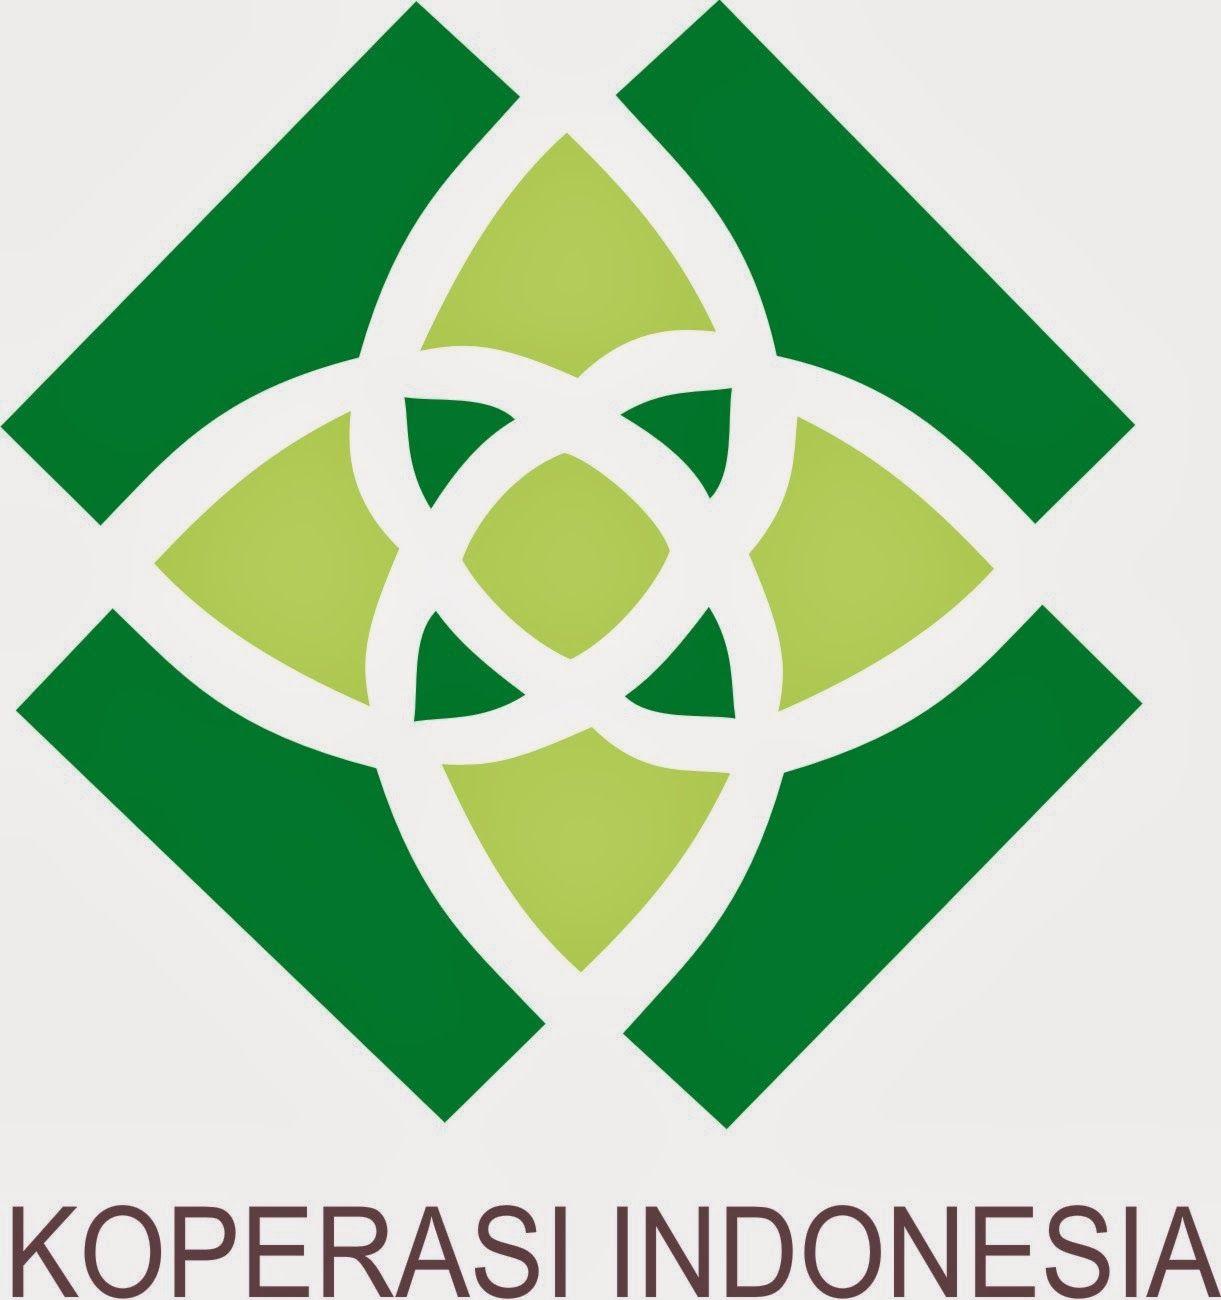 Lambang Koperasi Indonesia Yang Baru Dan Lama Kartu Nama Organisasi Indonesia